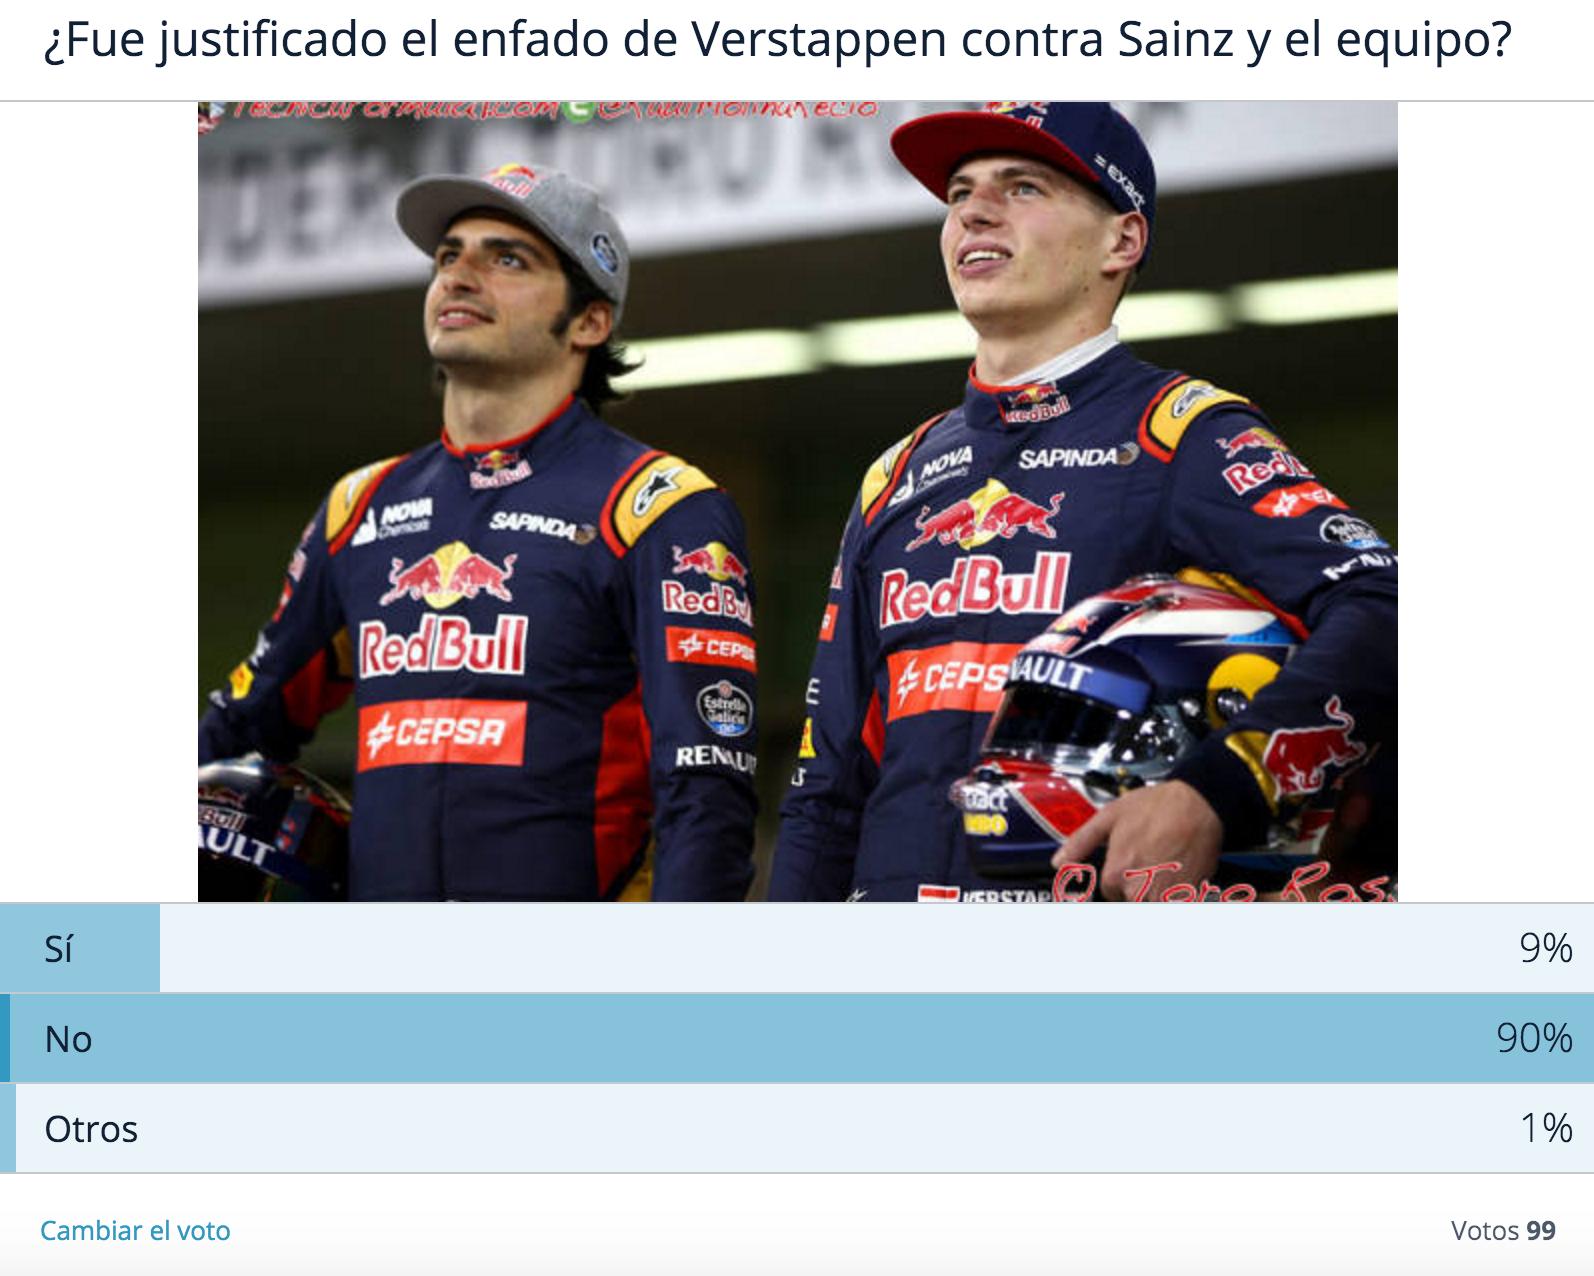 Resultados de la encuesta: ¿Fue justificado el enfado de verstappen con Sainz y su equipo?  #F1 #Formula1 #BahrainGP